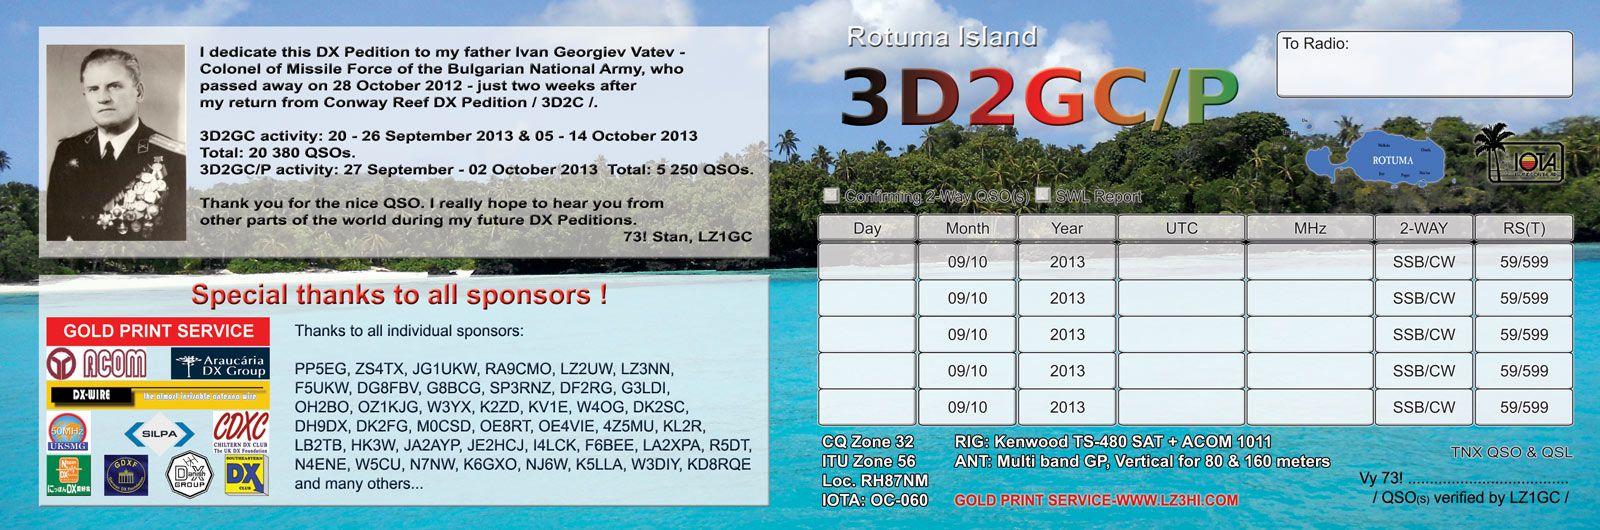 Rotuma Island 3D2GC/P QSL